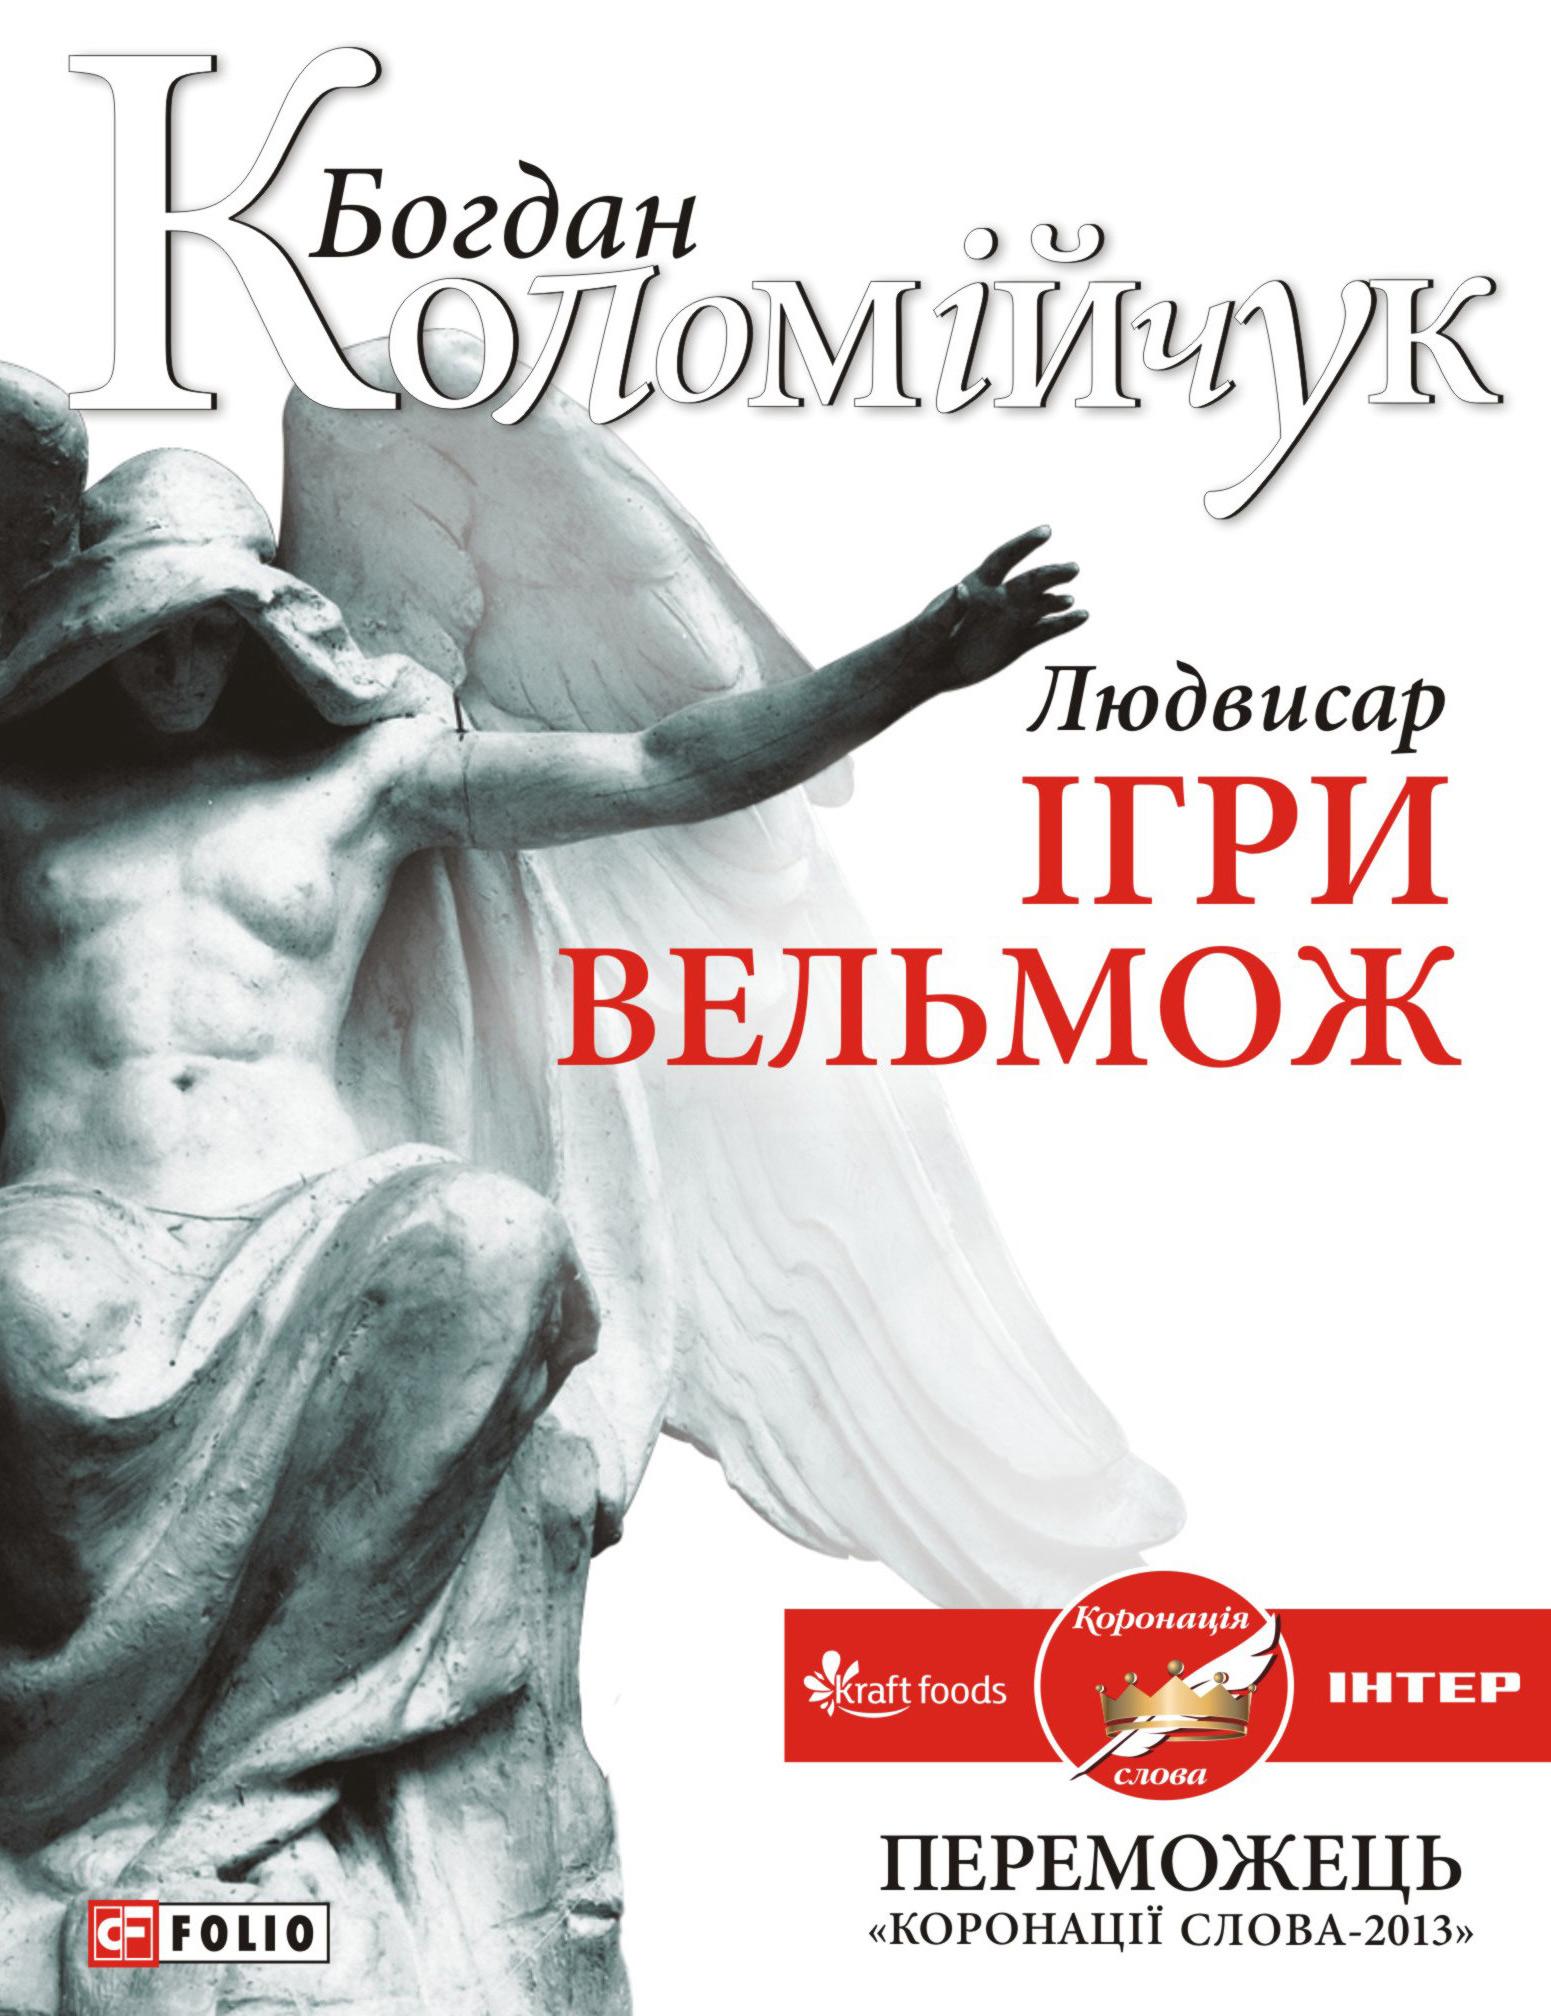 Богдан Коломійчук Людвисар. Ігри вельмож богдан коломійчук таємниця єви